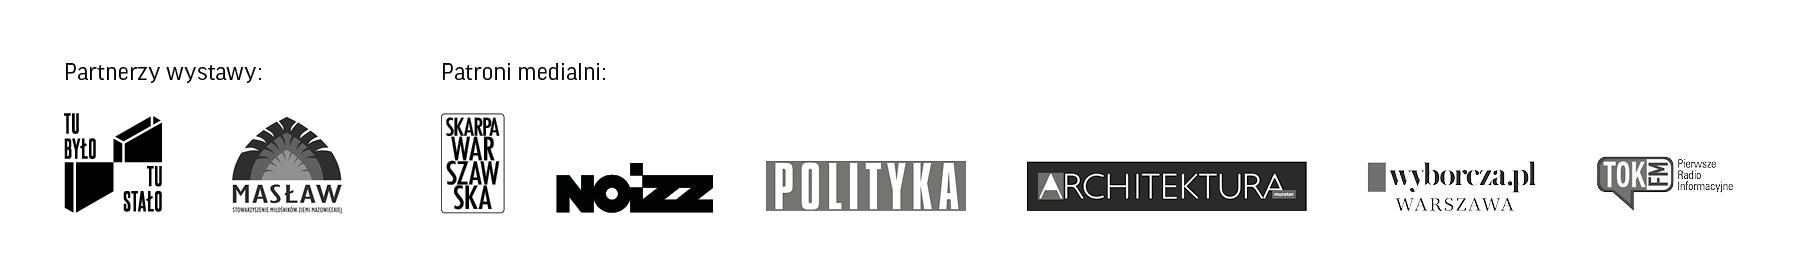 Loga: Partnerzy wystawy Tu było tu stało, Masław. Patroni medialni: Skarpa warszawska, noizz, Polityka, Architektura, wyborcza.pl warszawa, tok fm.